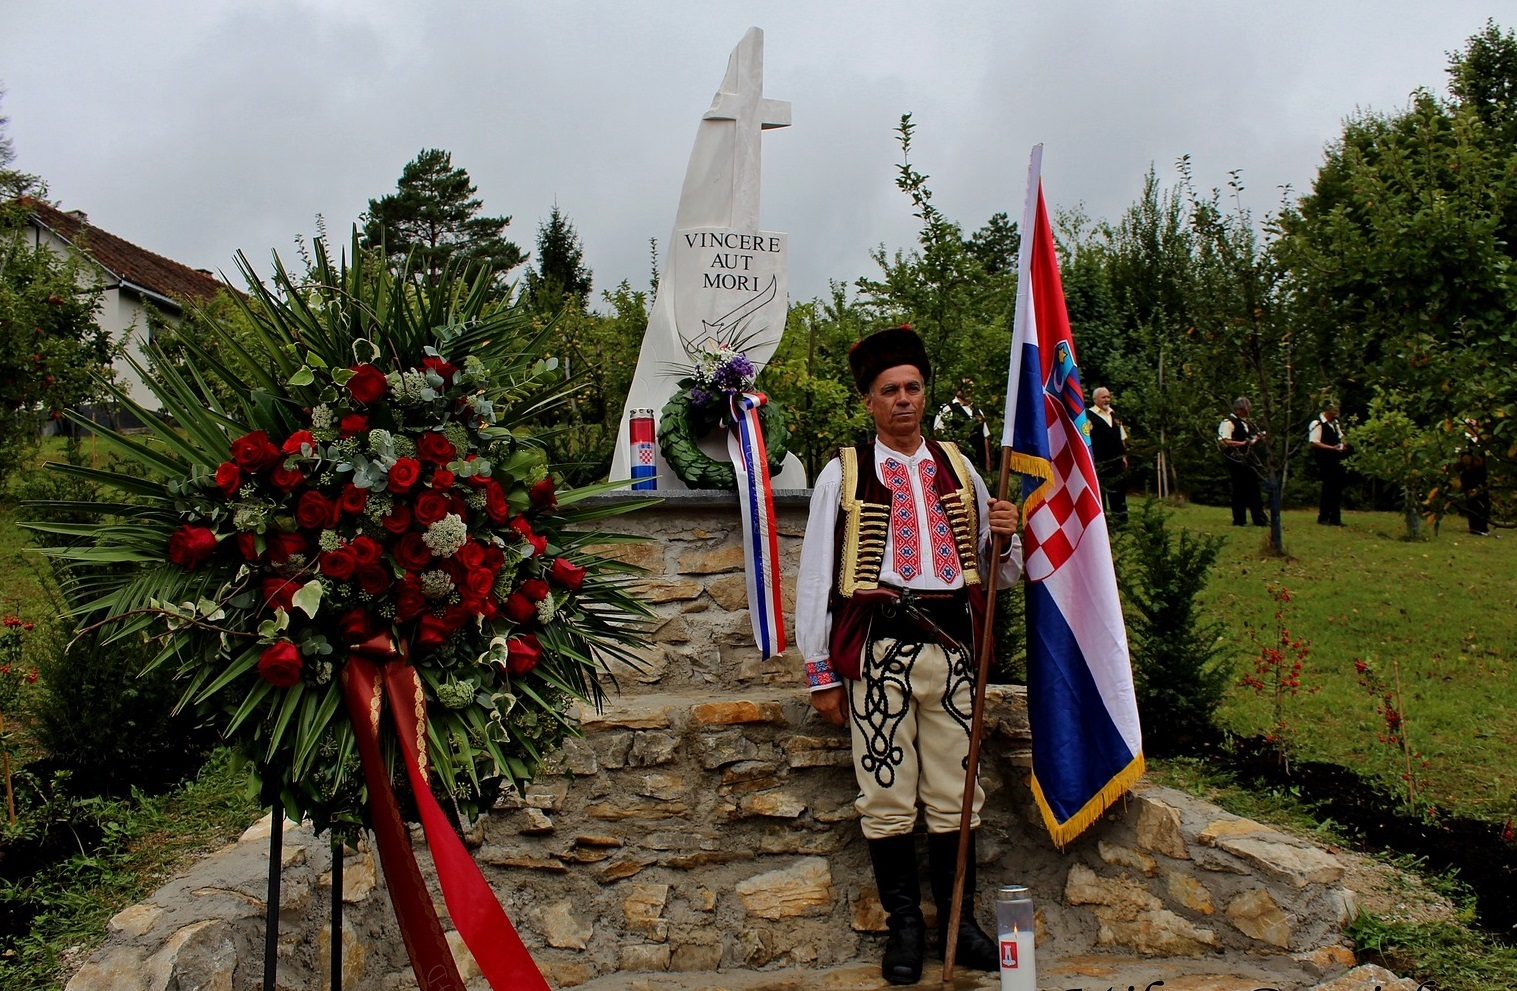 Hrvatski grkokatolici u nedjelju prvi put službeno sudjeluju na vojnom hodočašću u Mariji Bistrici